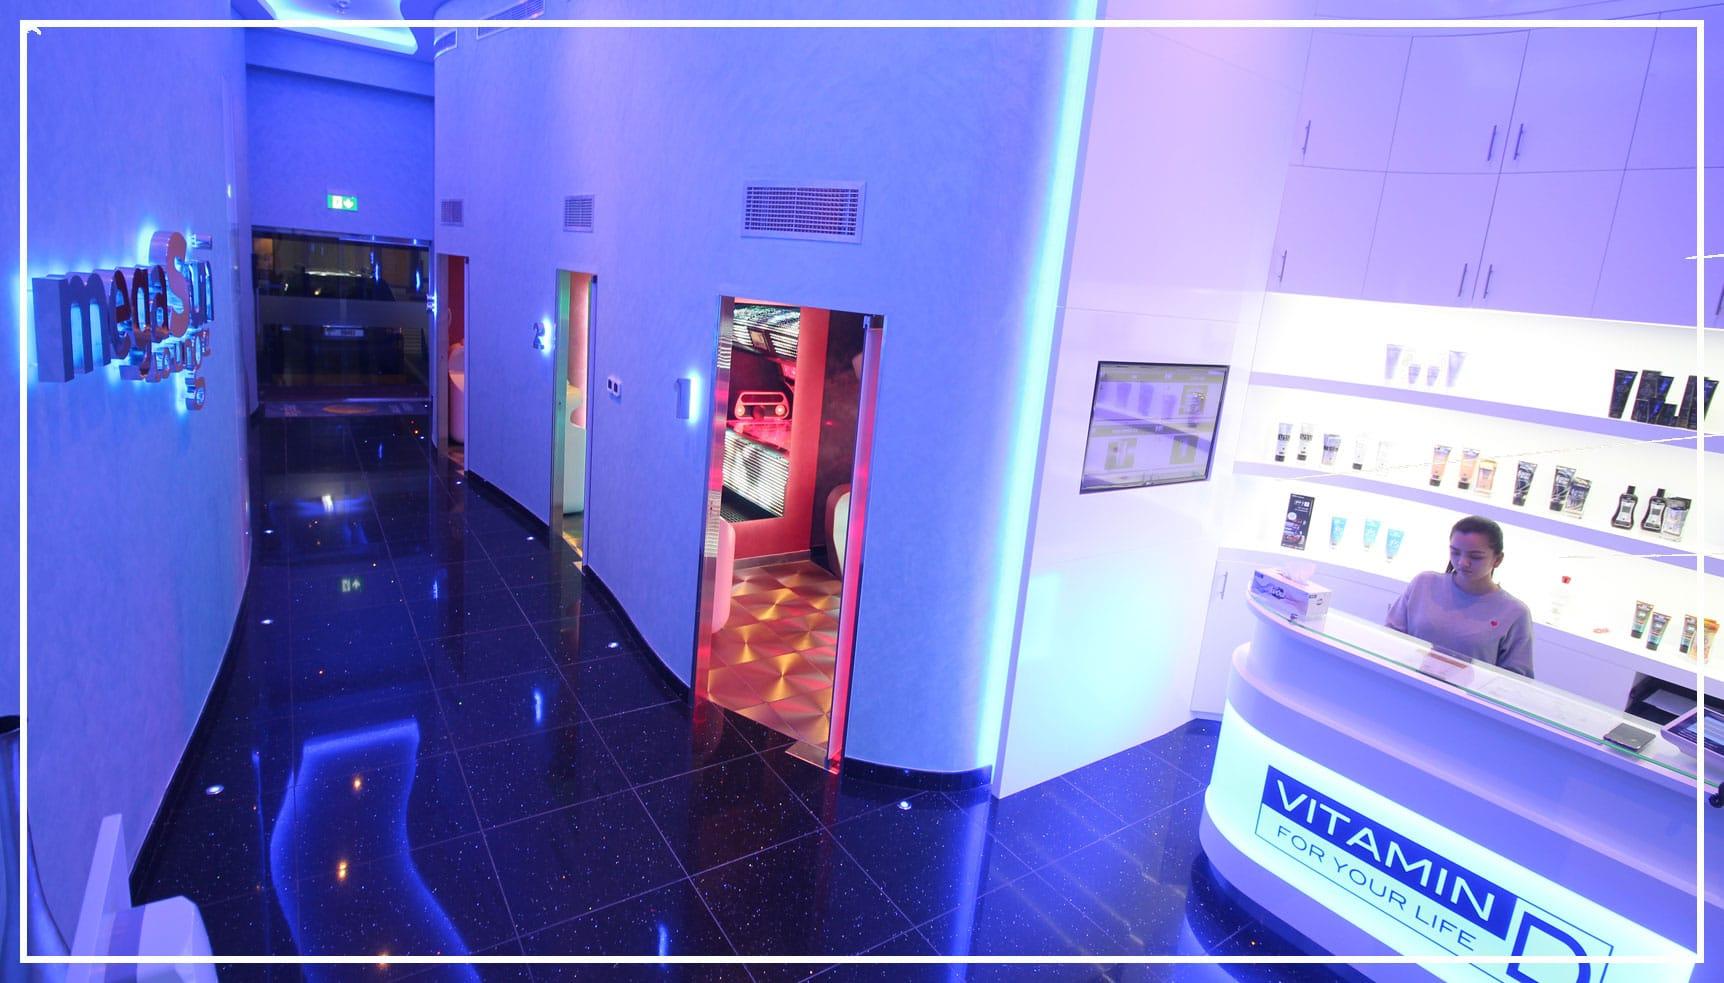 megasun lounge entrance DMC